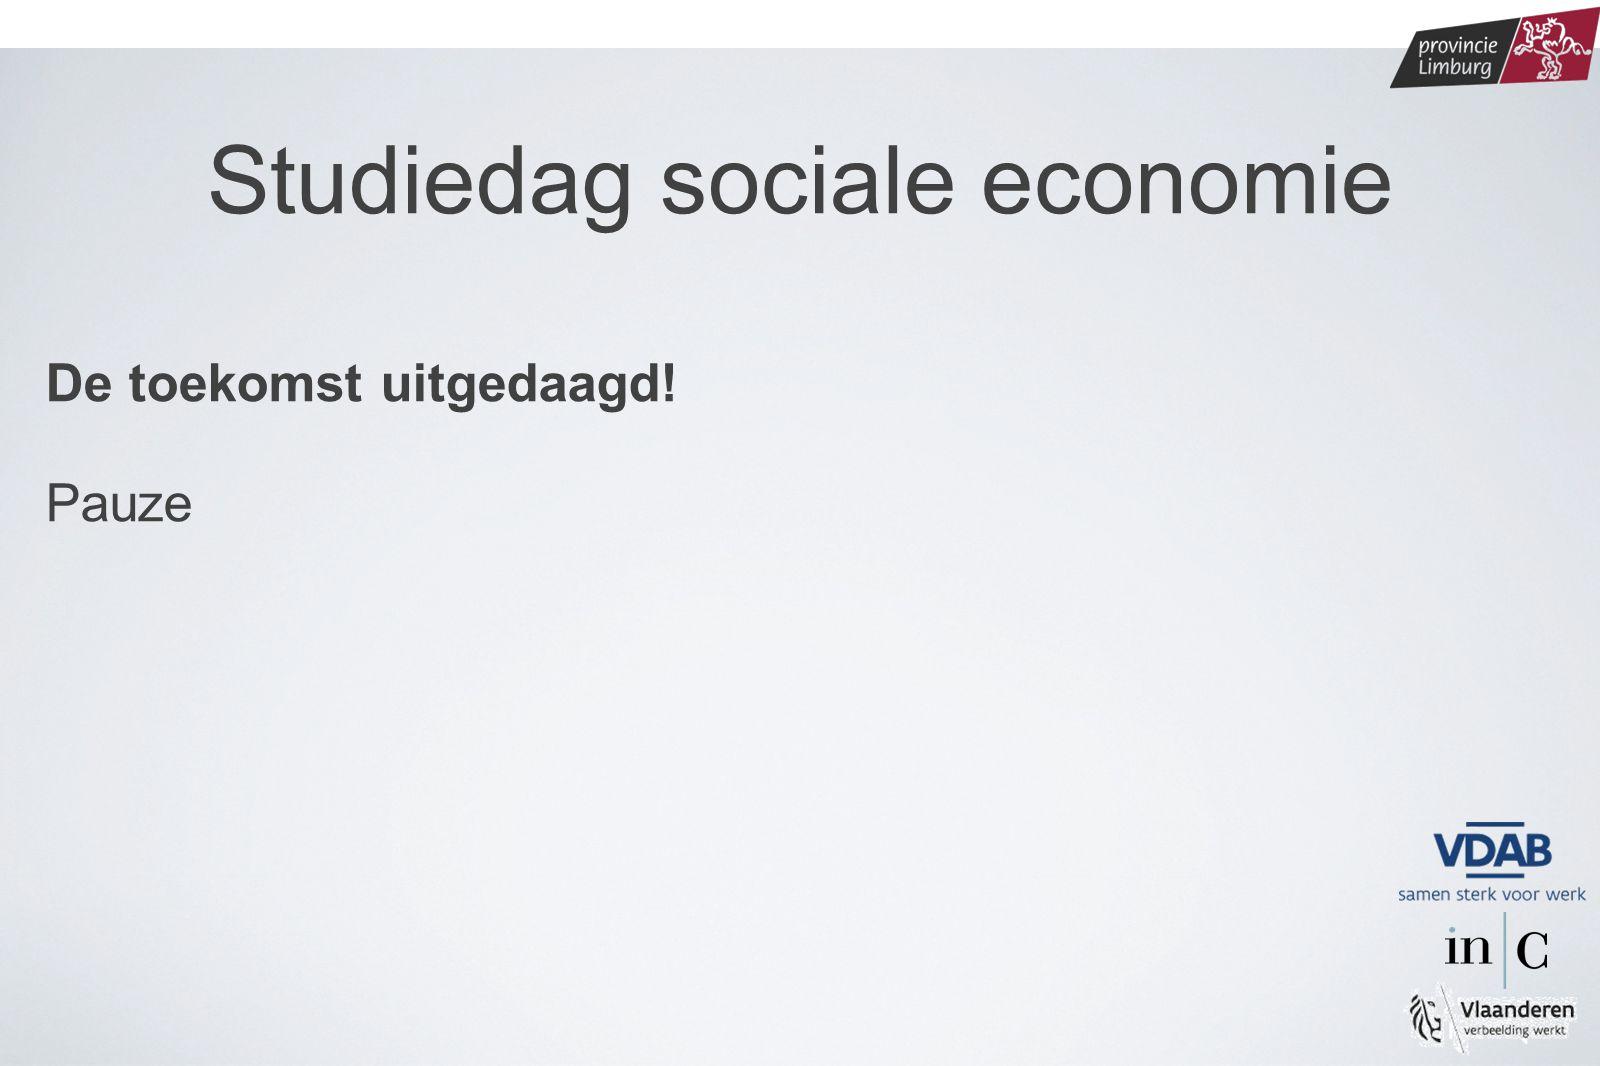 lokalebesturen.limburg.be De toekomst uitgedaagd! Pauze Studiedag sociale economie